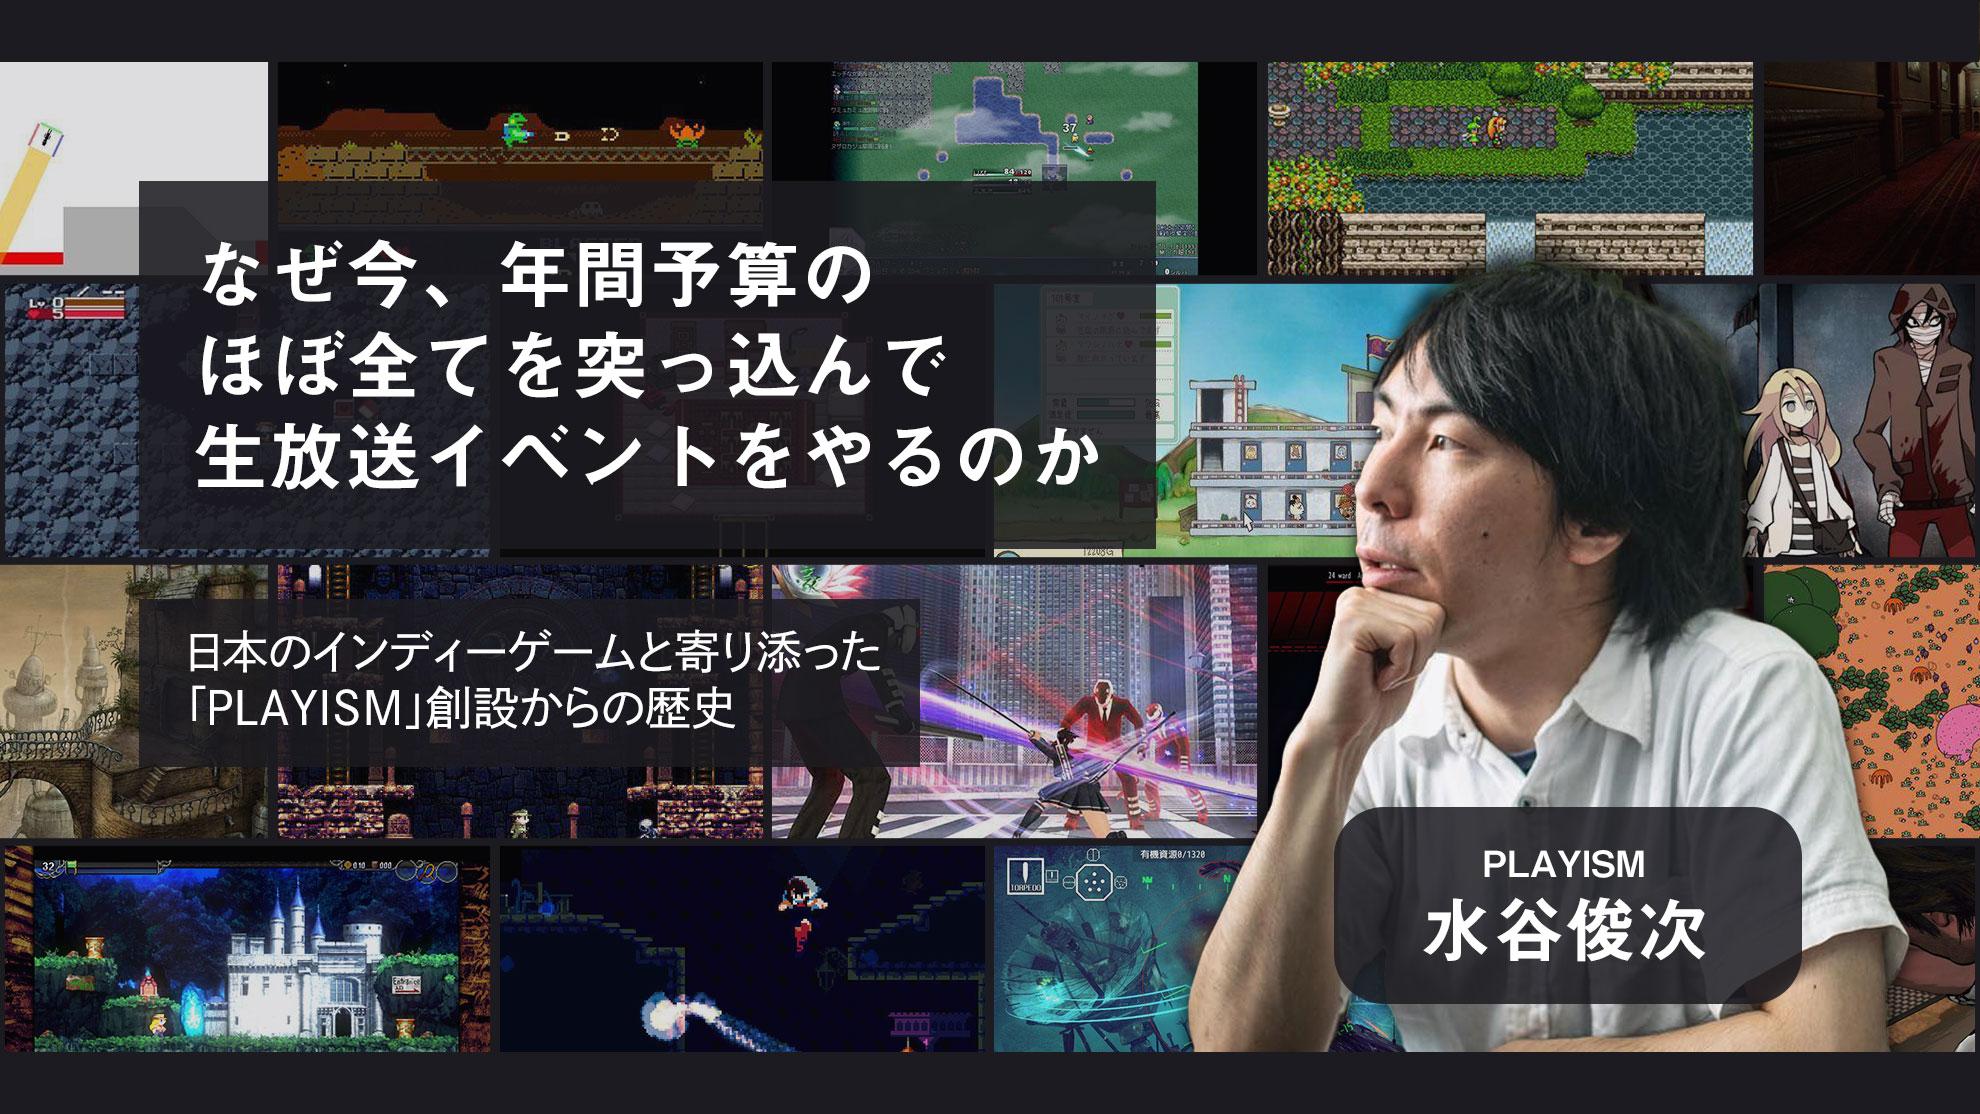 なぜ今、年間予算のほぼ全てを突っ込んで生放送イベントをやるのか。日本のインディーゲームと寄り添った「PLAYISM」創設からの歴史